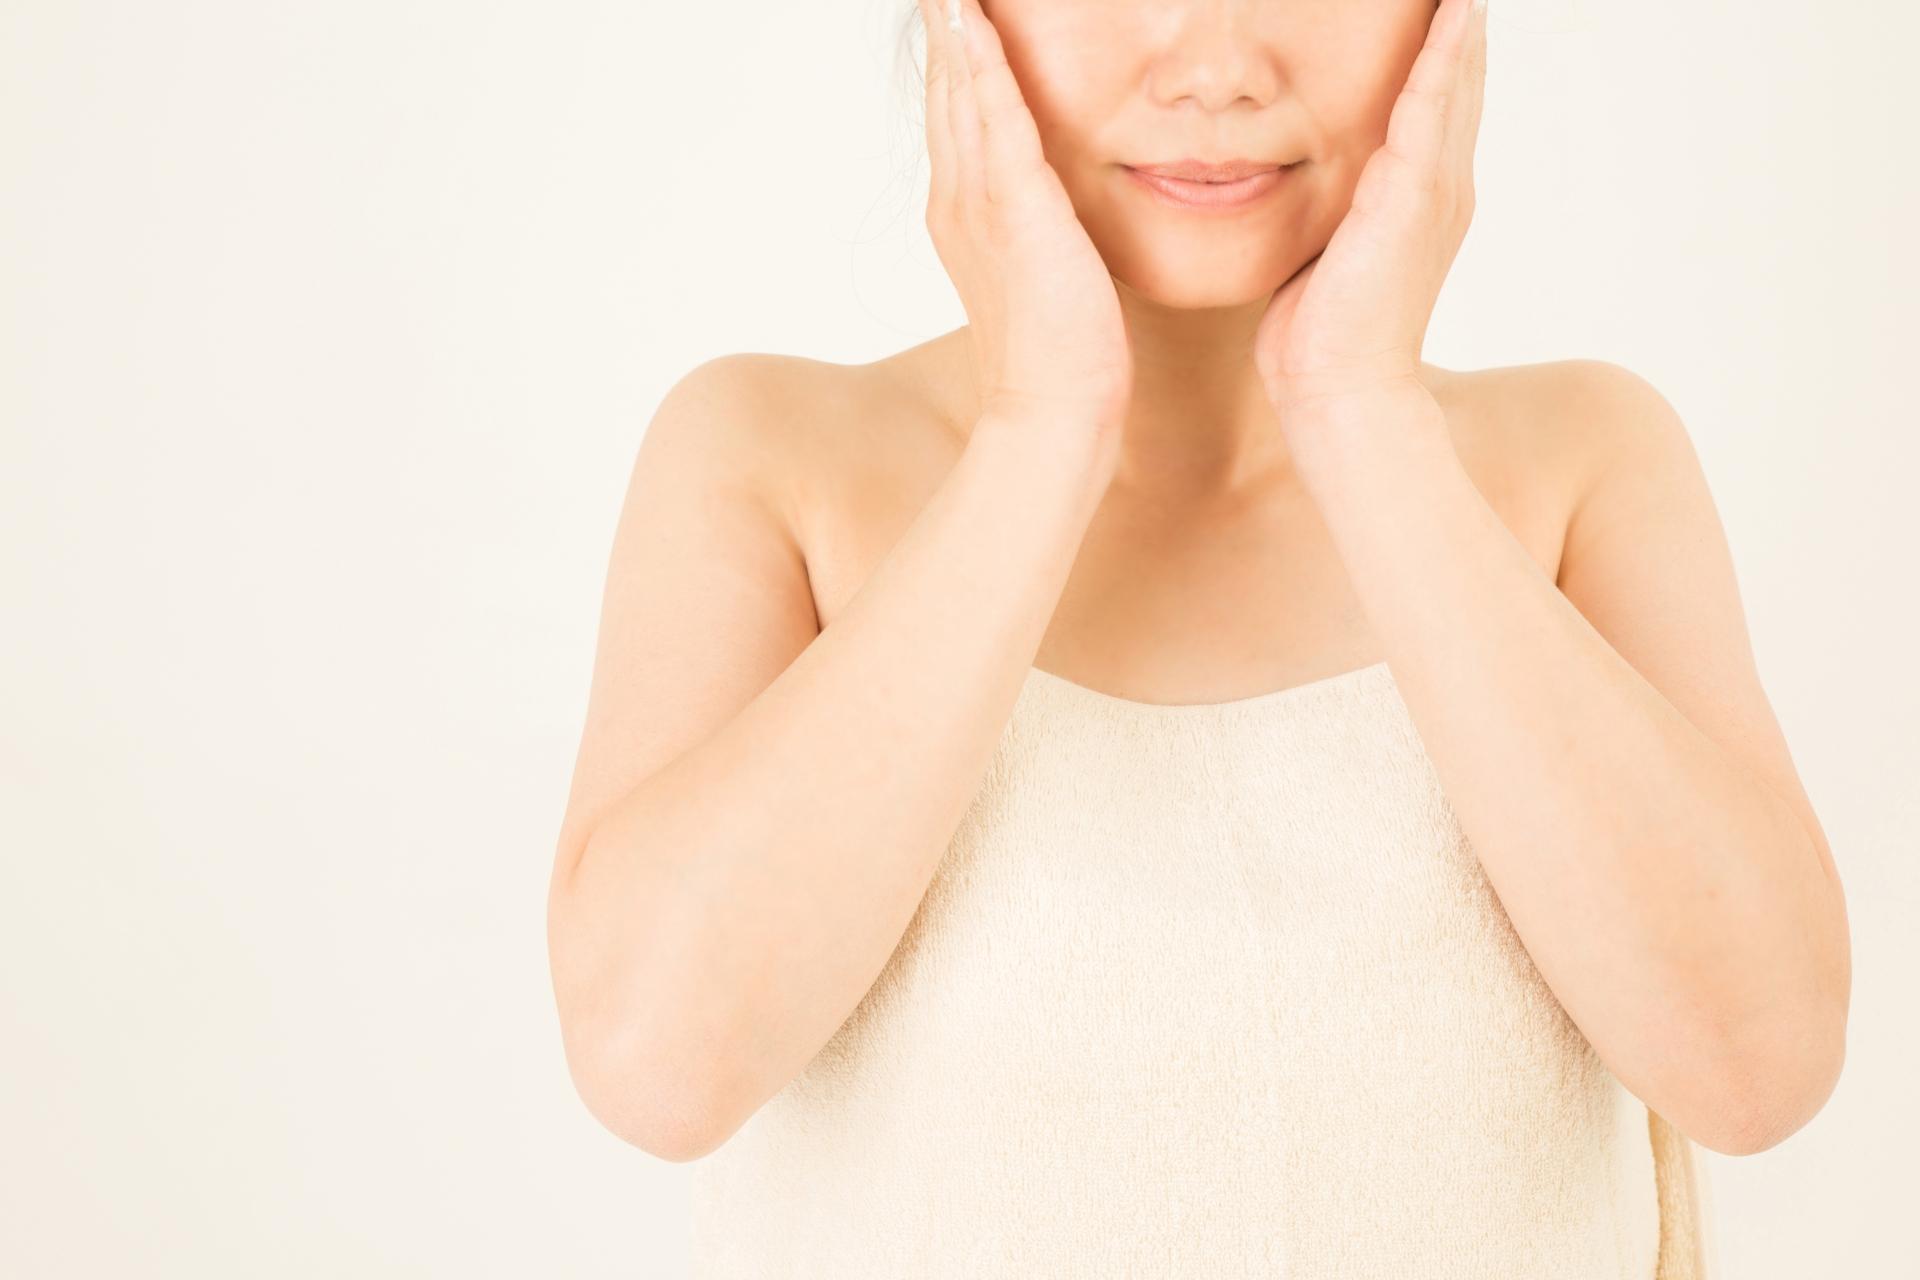 顔のむくみの原因と改善方法! むくみ改善につながるストレッチもご紹介